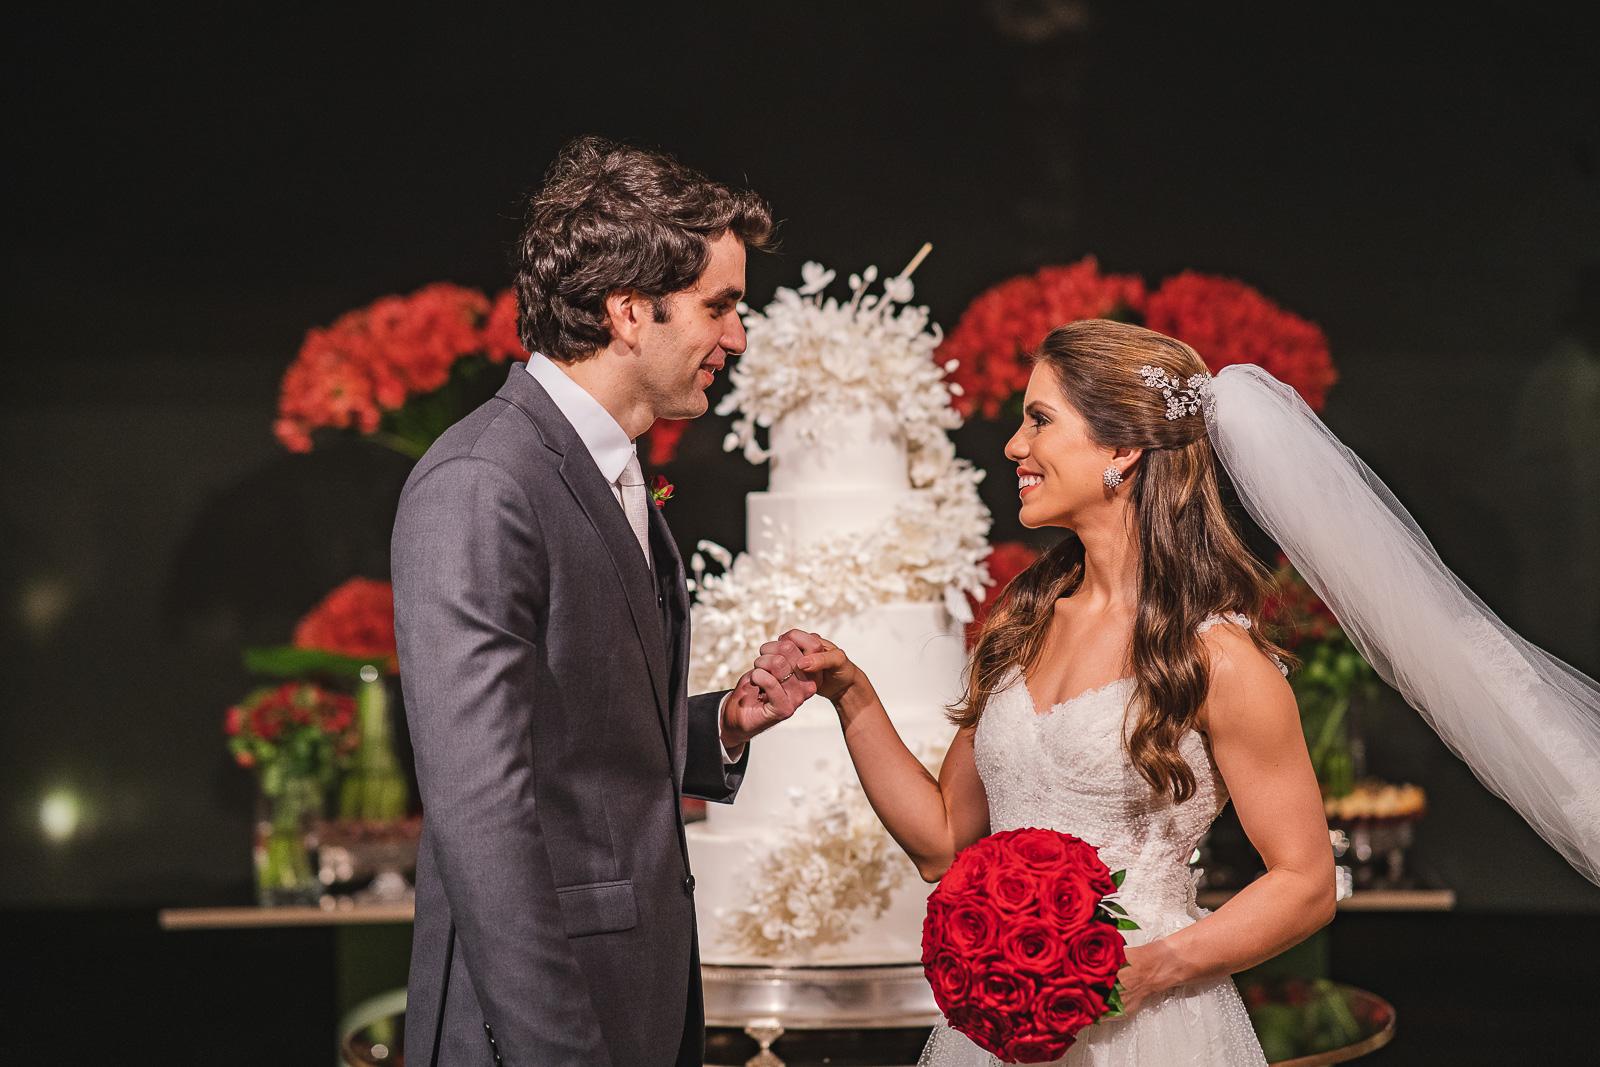 Manuela Rolim e Raphael Nogueira celebram o amor com superfesta de casamento